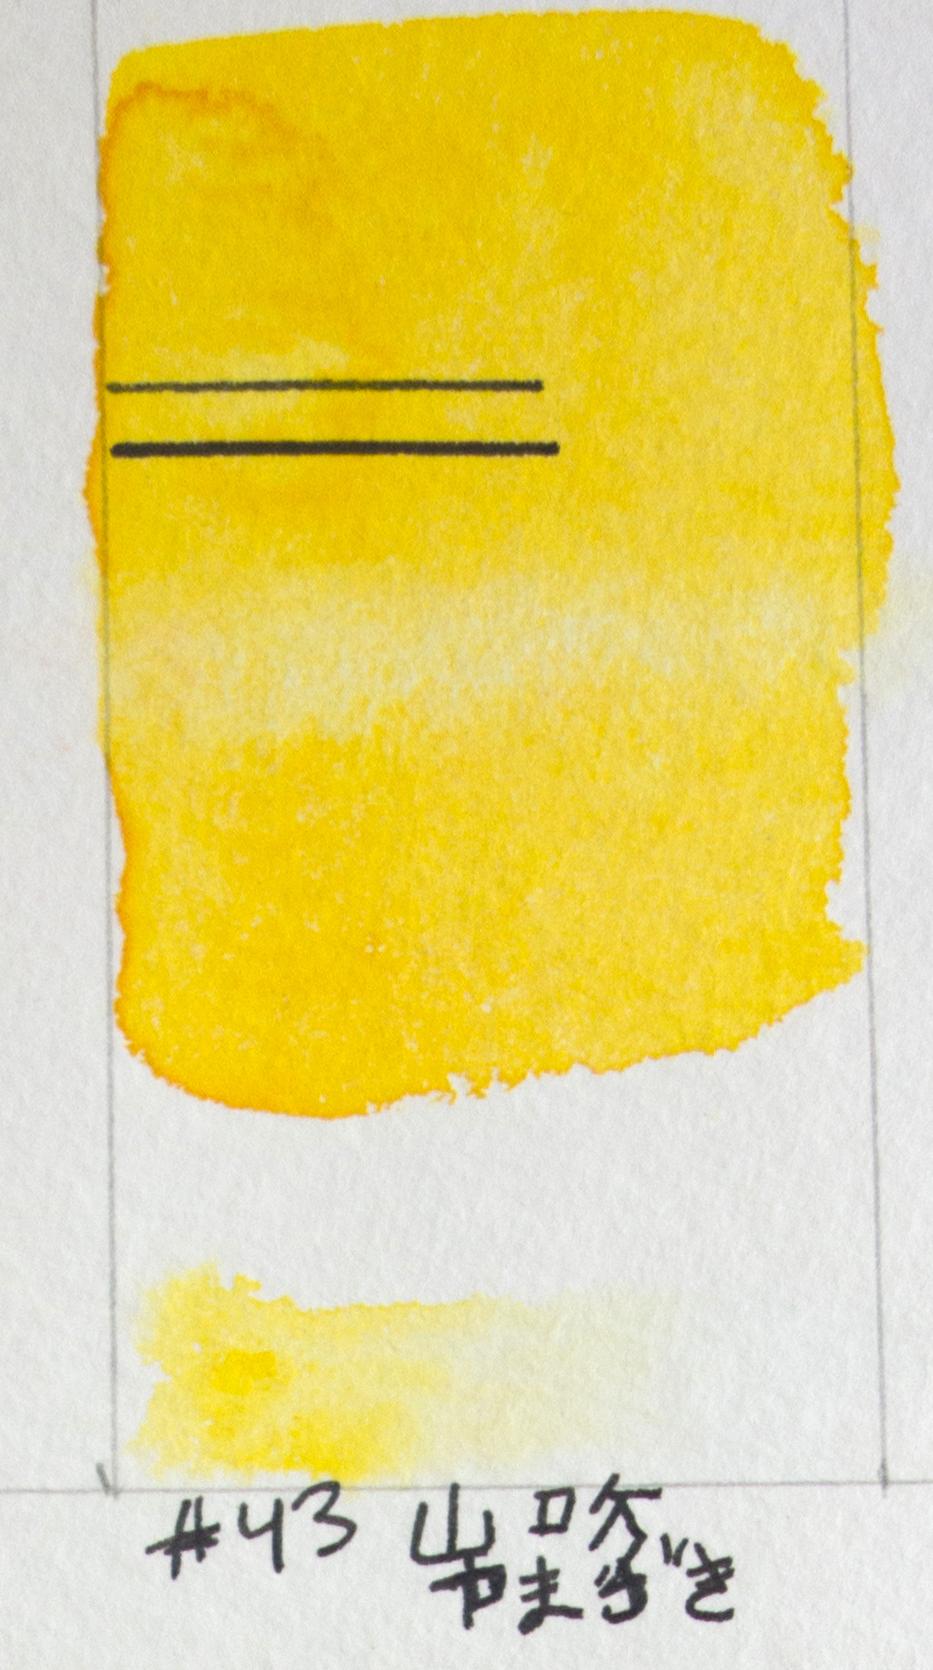 Kuretake Gansai Tambi- #43 山吹 Mid Yellow